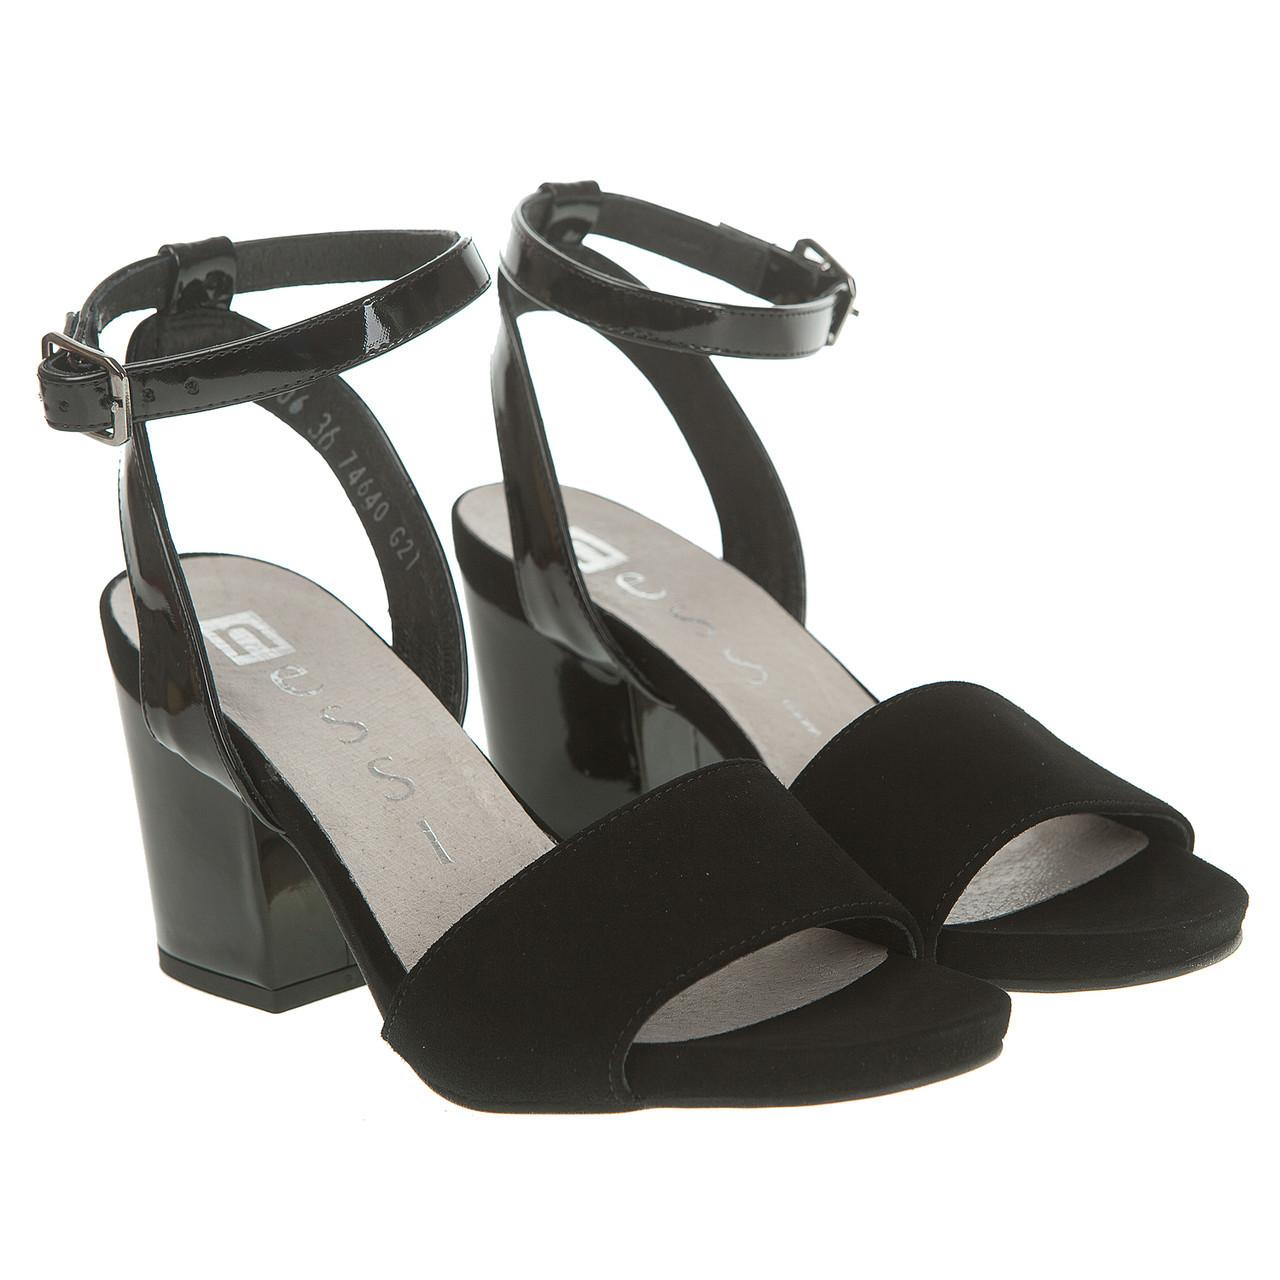 69340b8b1 Босоножки женские Nessi (черные, на удобном каблуке, модные, качественные,  стильные)